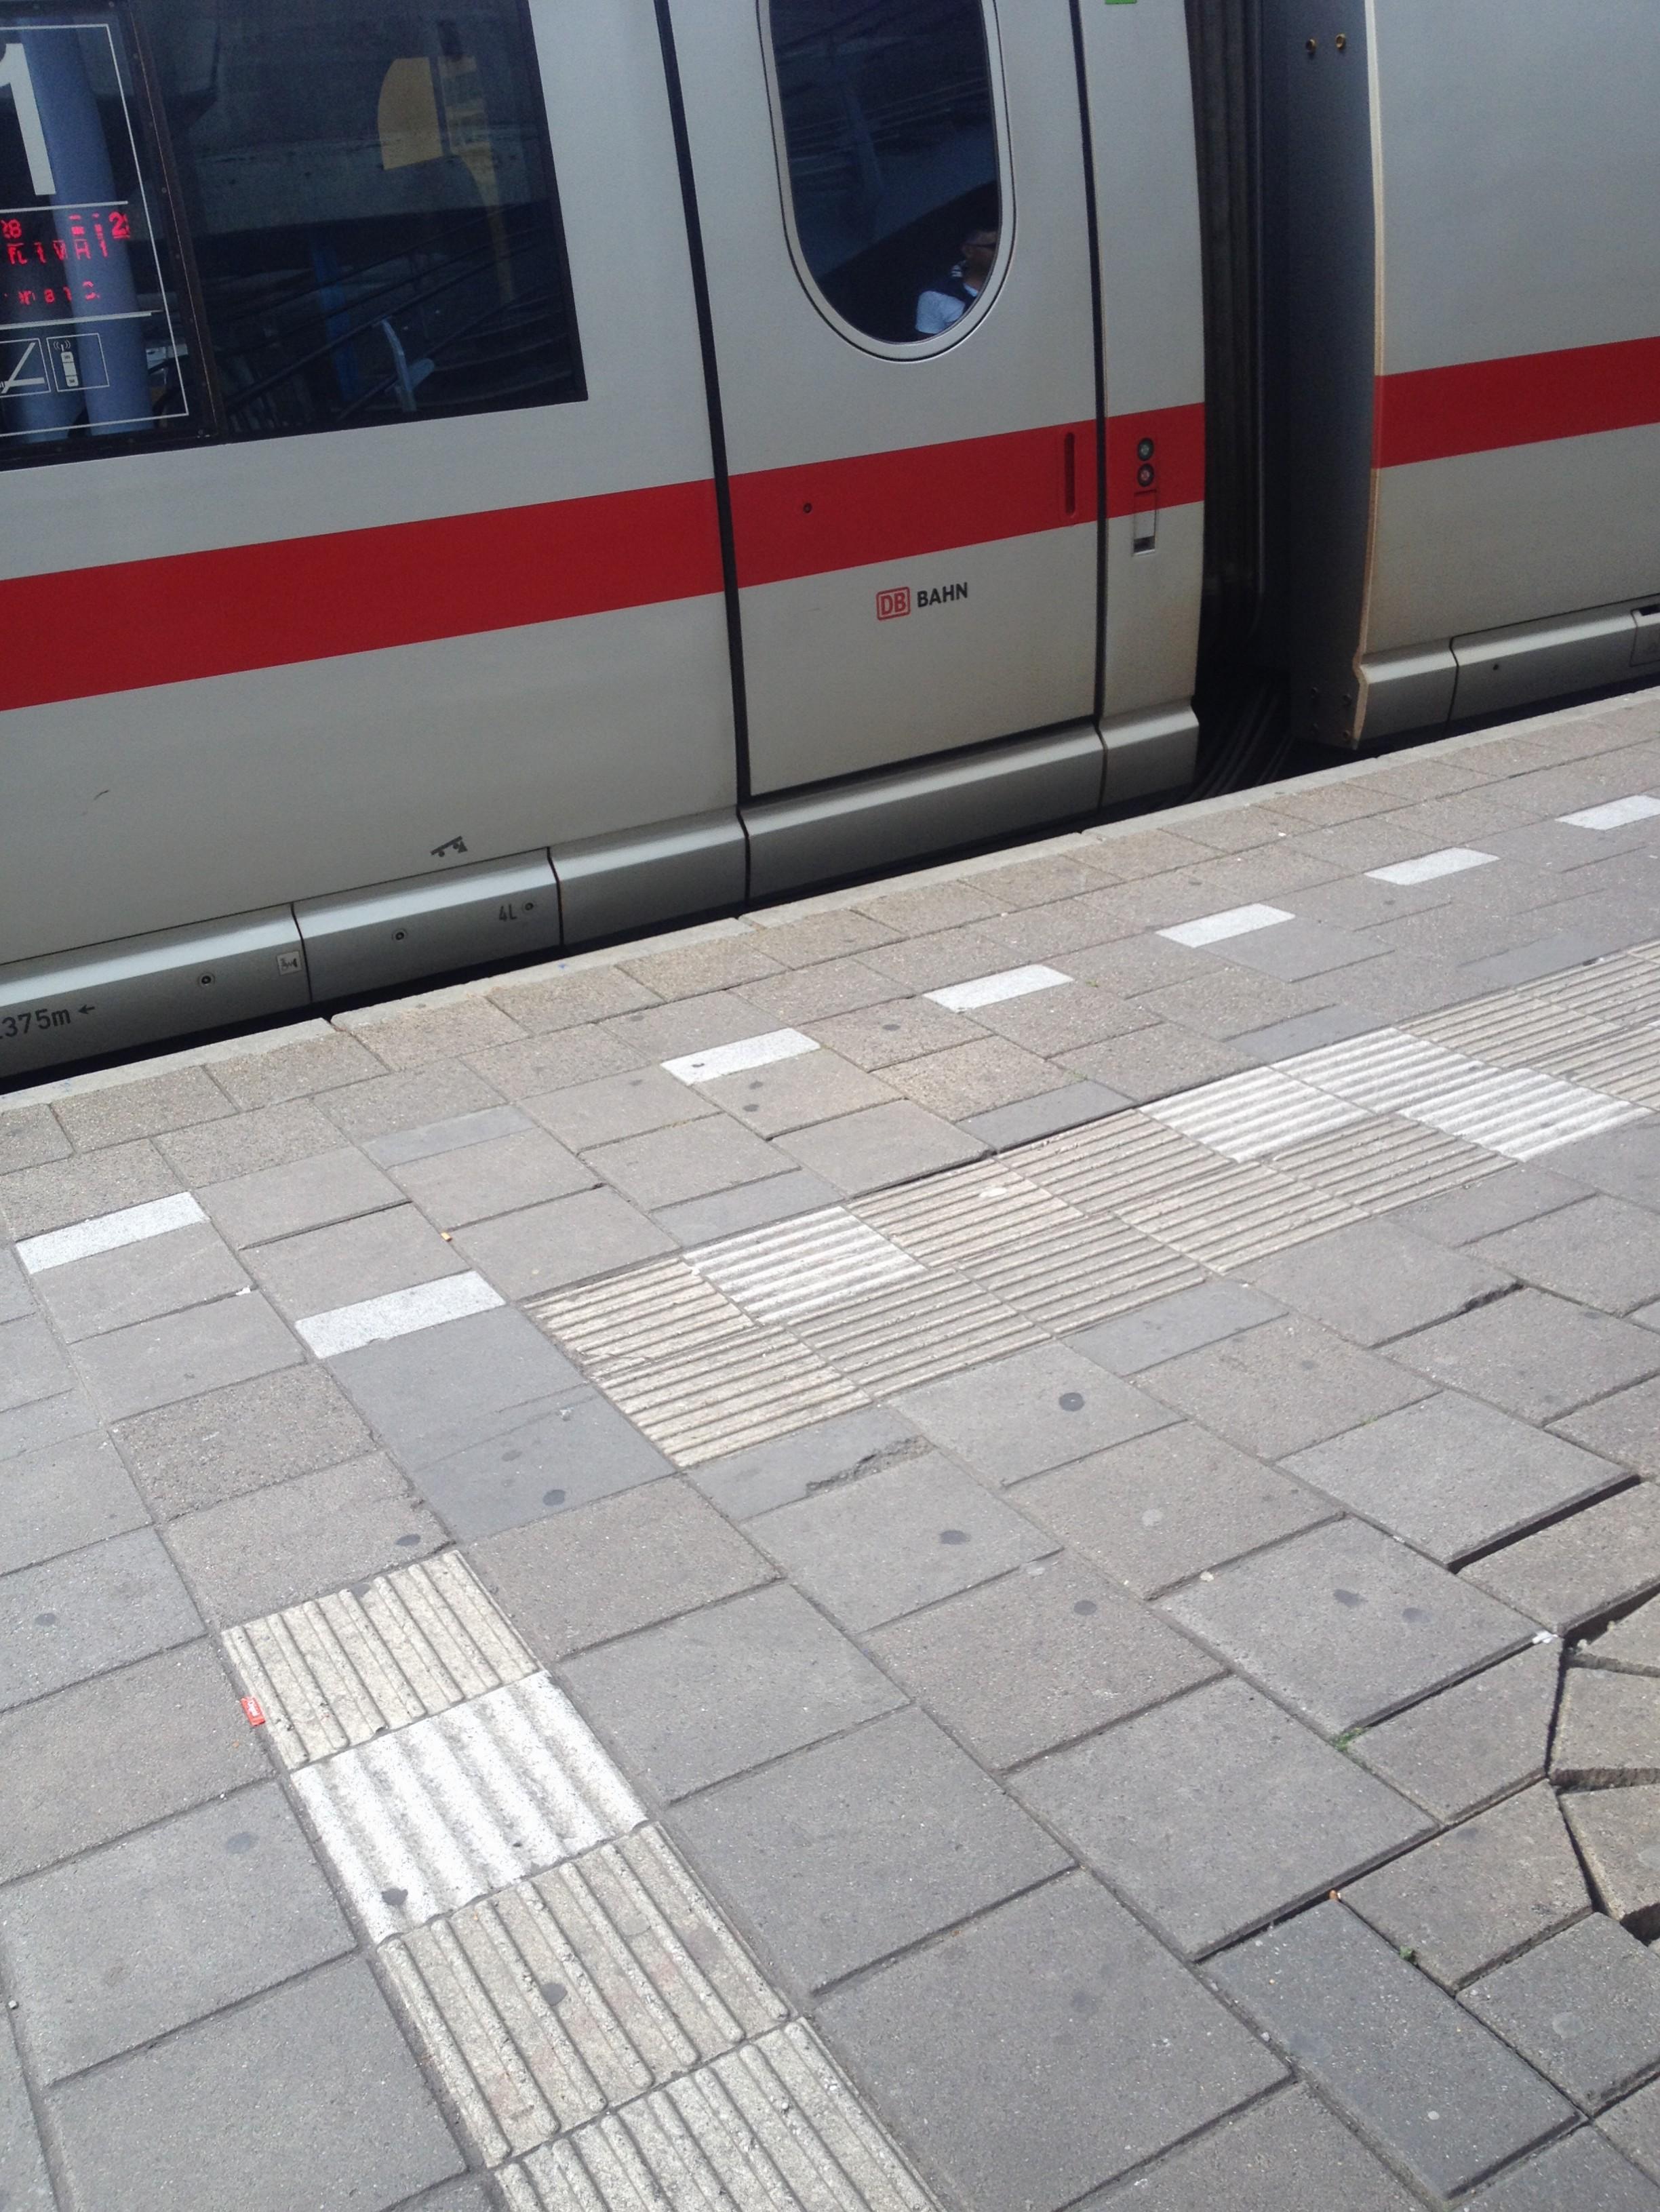 Ruhrgebied 047 - Koeln